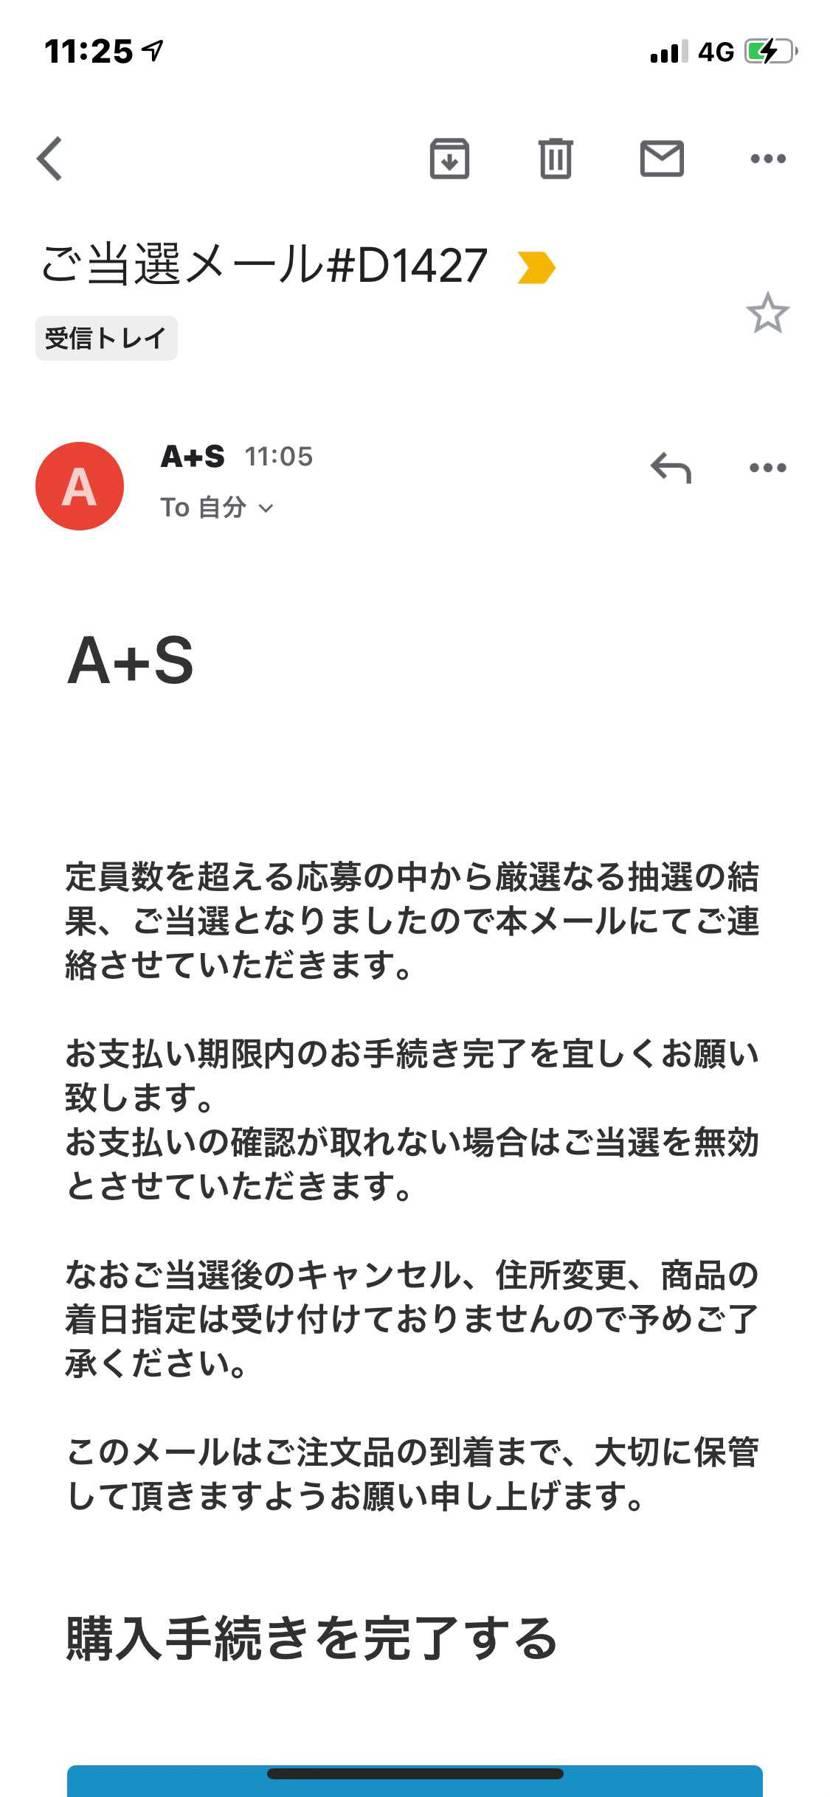 atmosもダメSNKRSもダメで諦めてたら  A+S からの当選メールが!